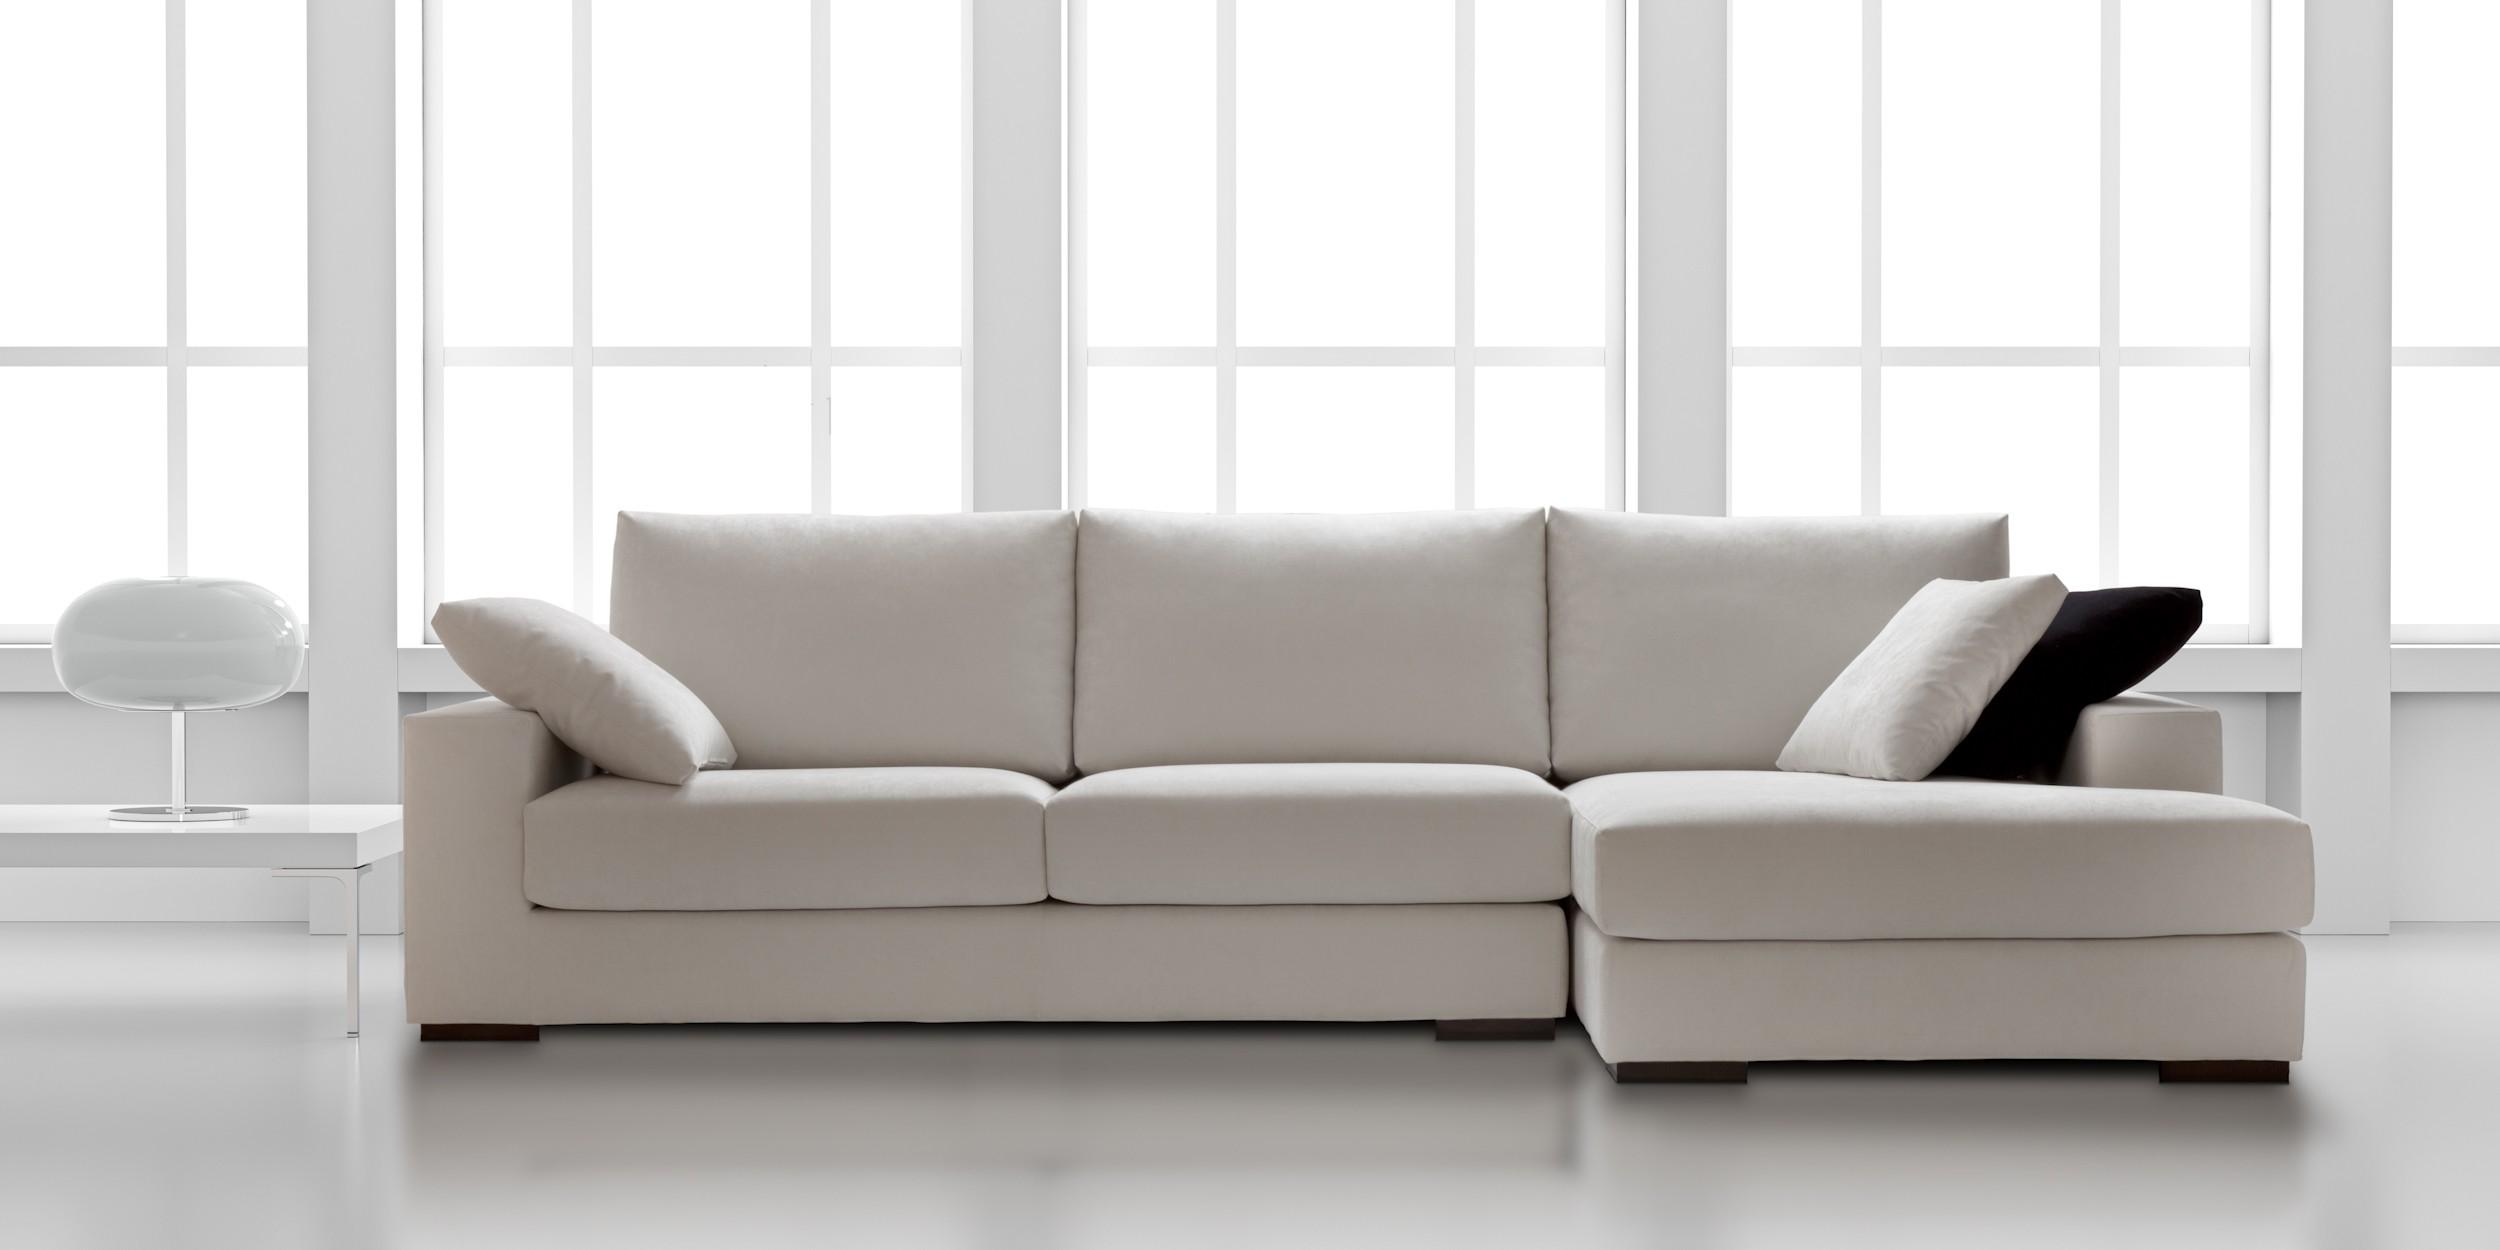 tiendas sofas cama baratos madrid standard sofa bed mattress size tienda comprar venecia